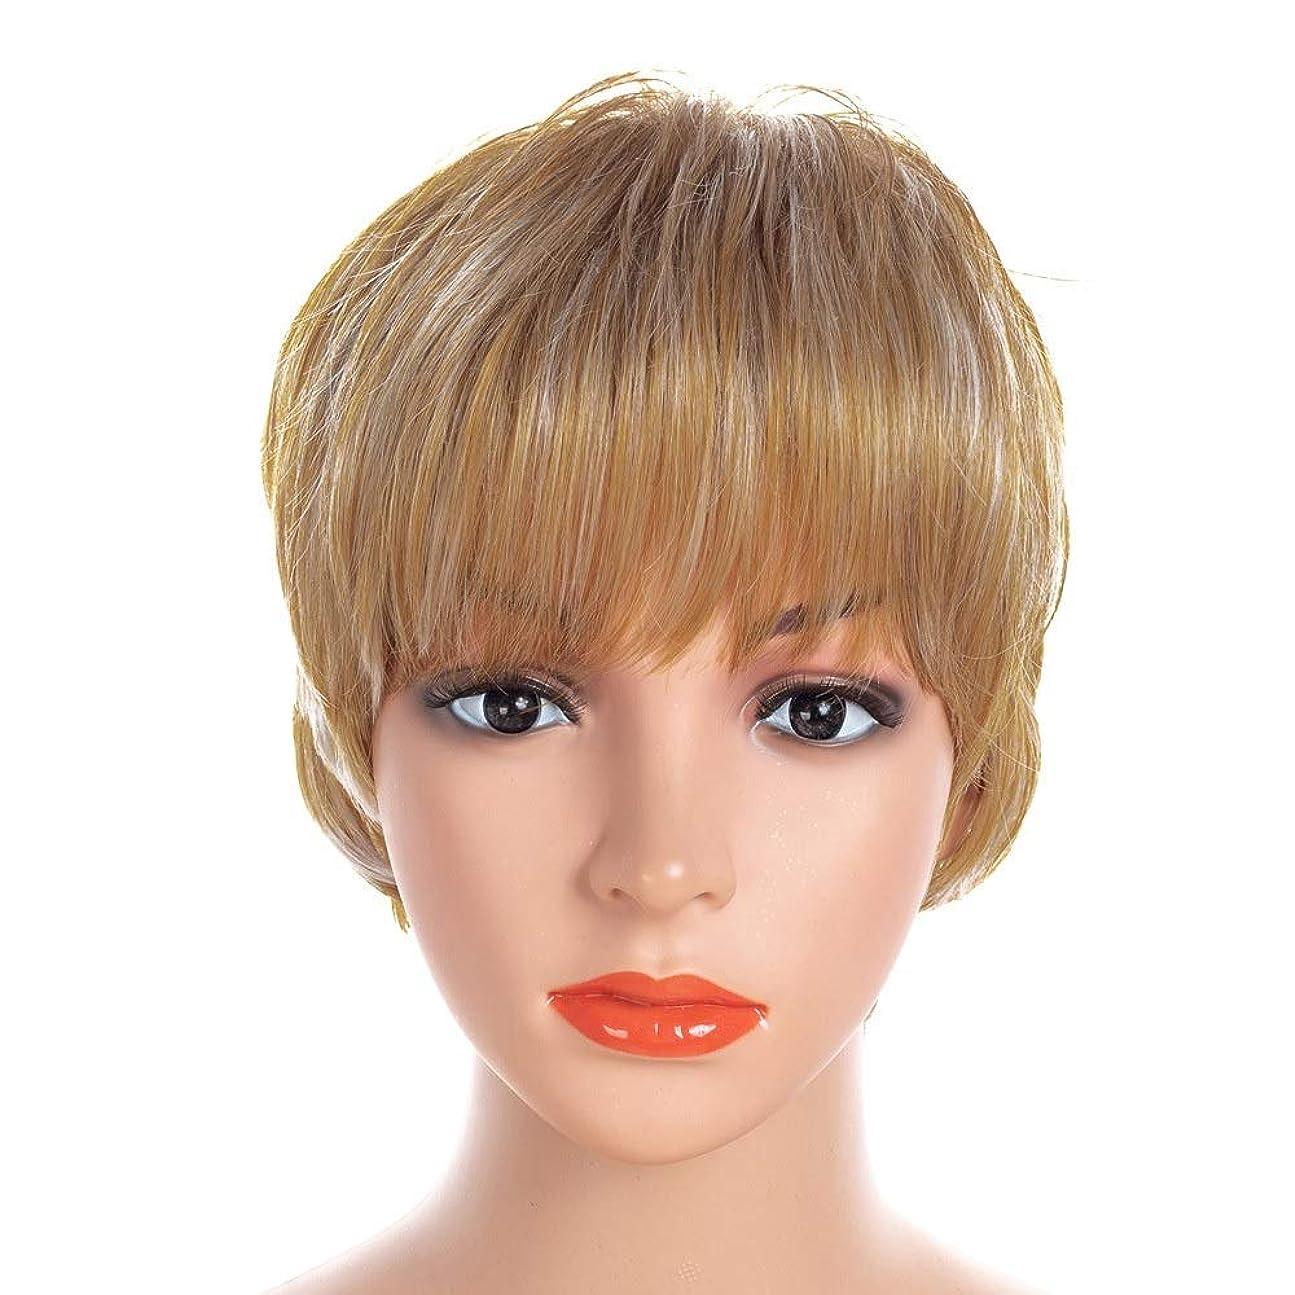 病近く近代化するBOBIDYEE 上品なボブスタイルCospaly党髪かつら党かつらで女性短い巻き毛のかつら (色 : Blonde, サイズ : 30cm)